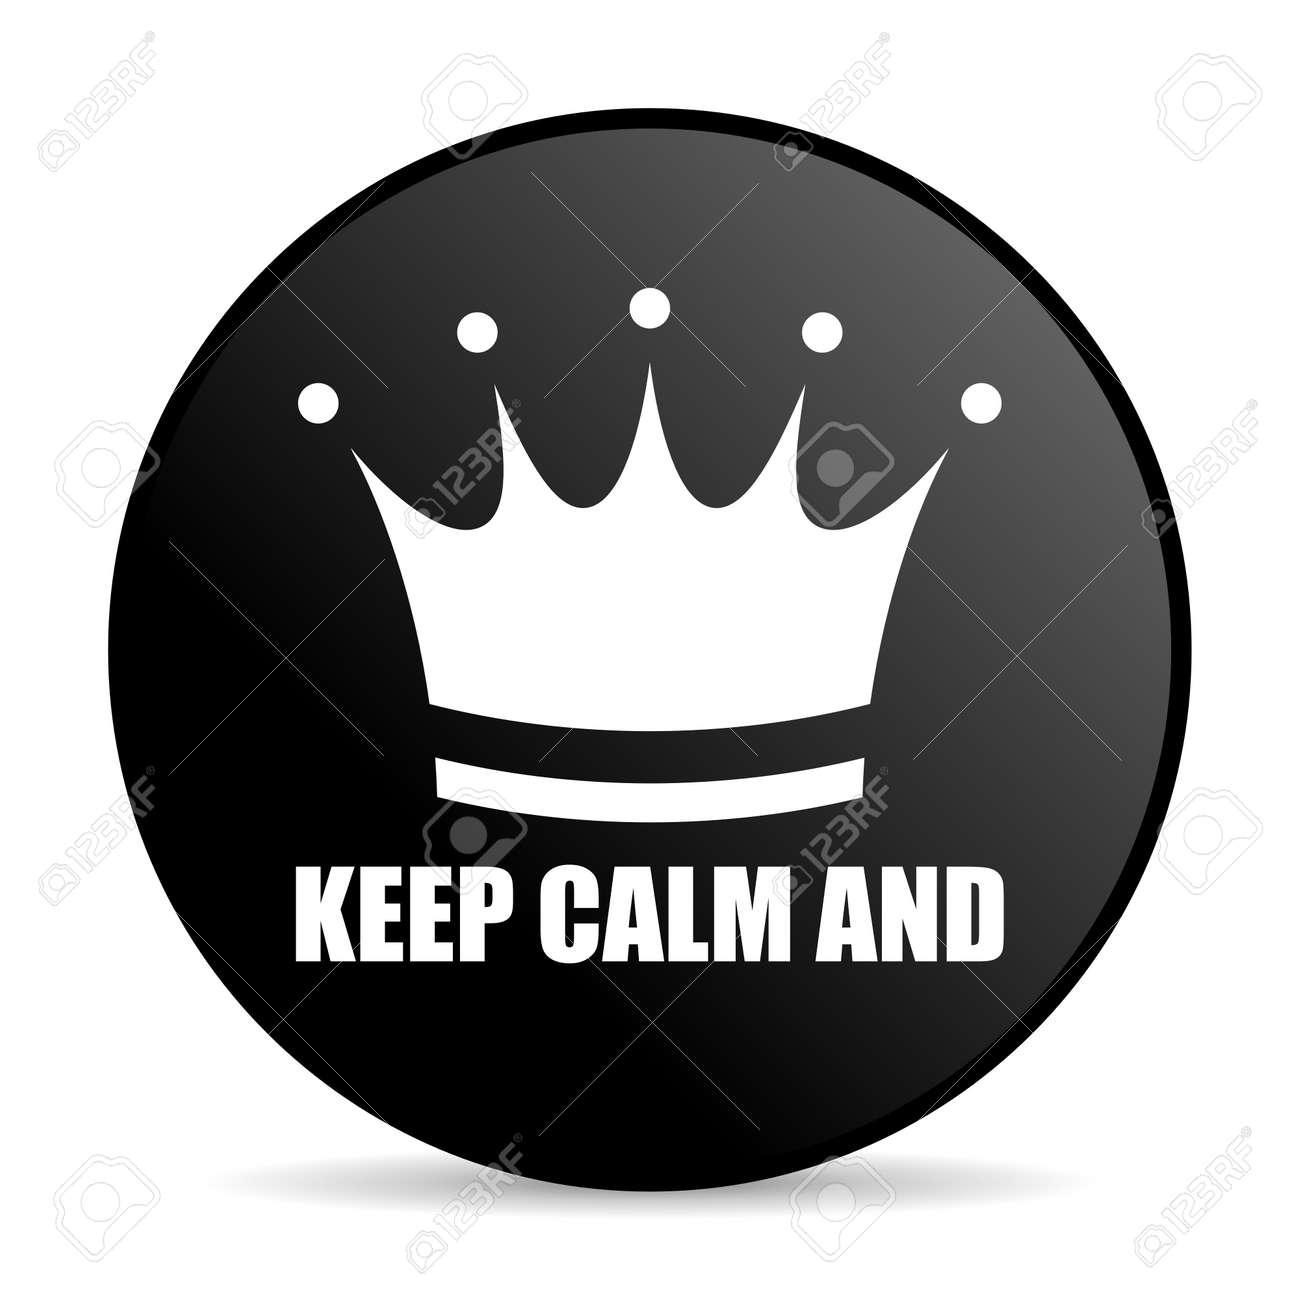 Halten Sie Ruhe Und Schwarze Farbe Web-Design Runde Internet-Symbol ...